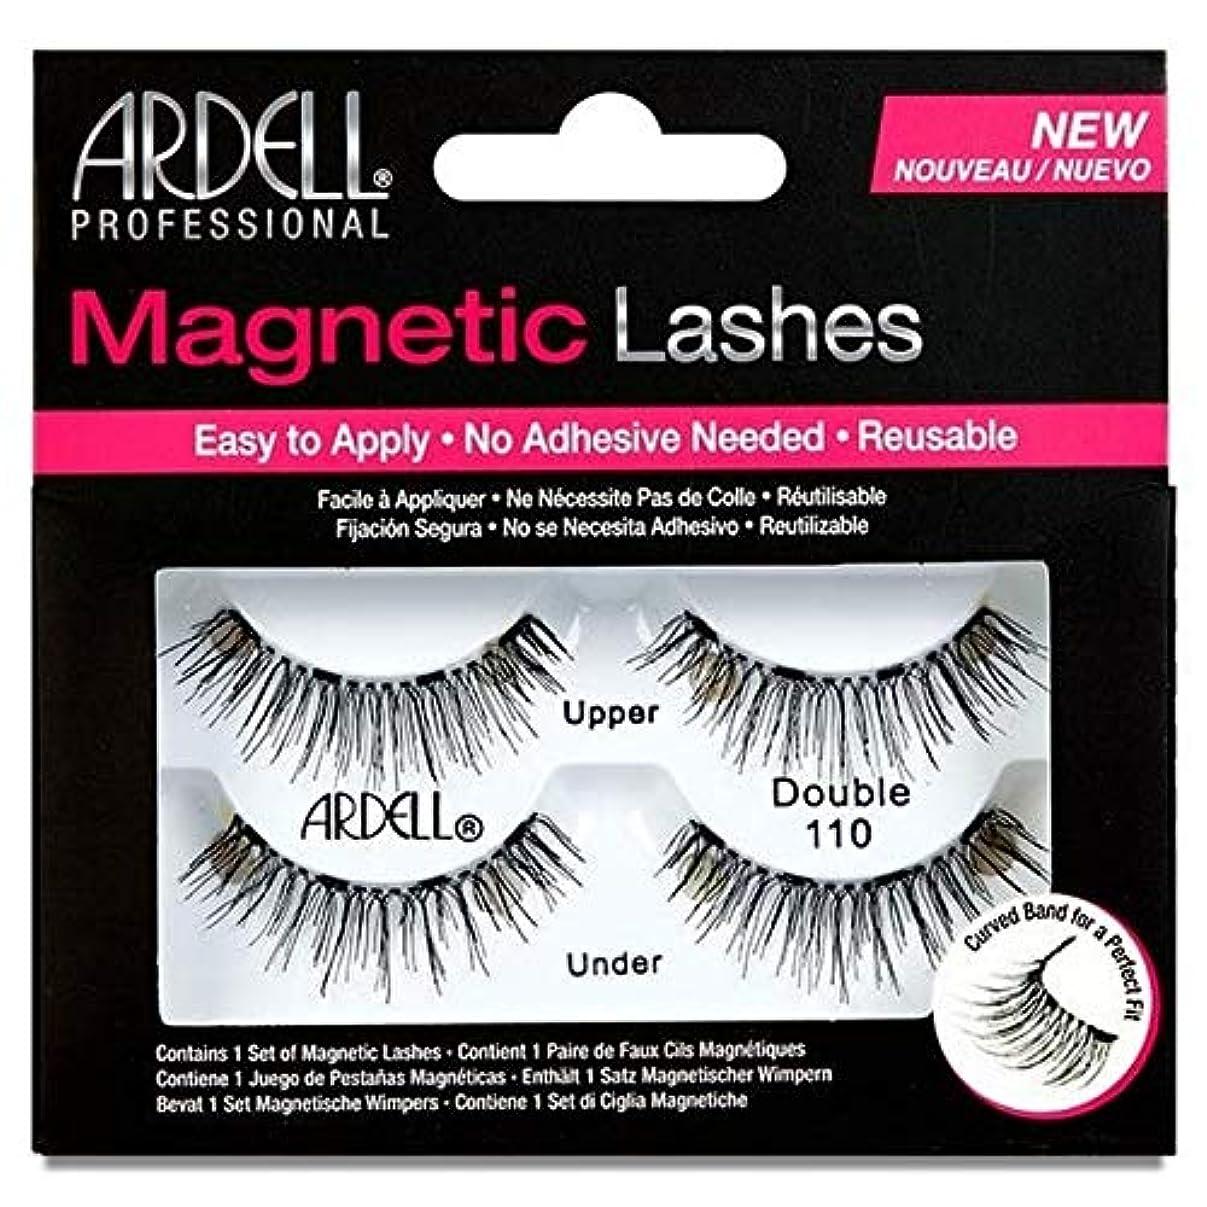 二層くしゃみ爆発[Ardell] 110ダブルArdell磁気まつげ - Ardell Magnetic Eyelashes Double 110 [並行輸入品]